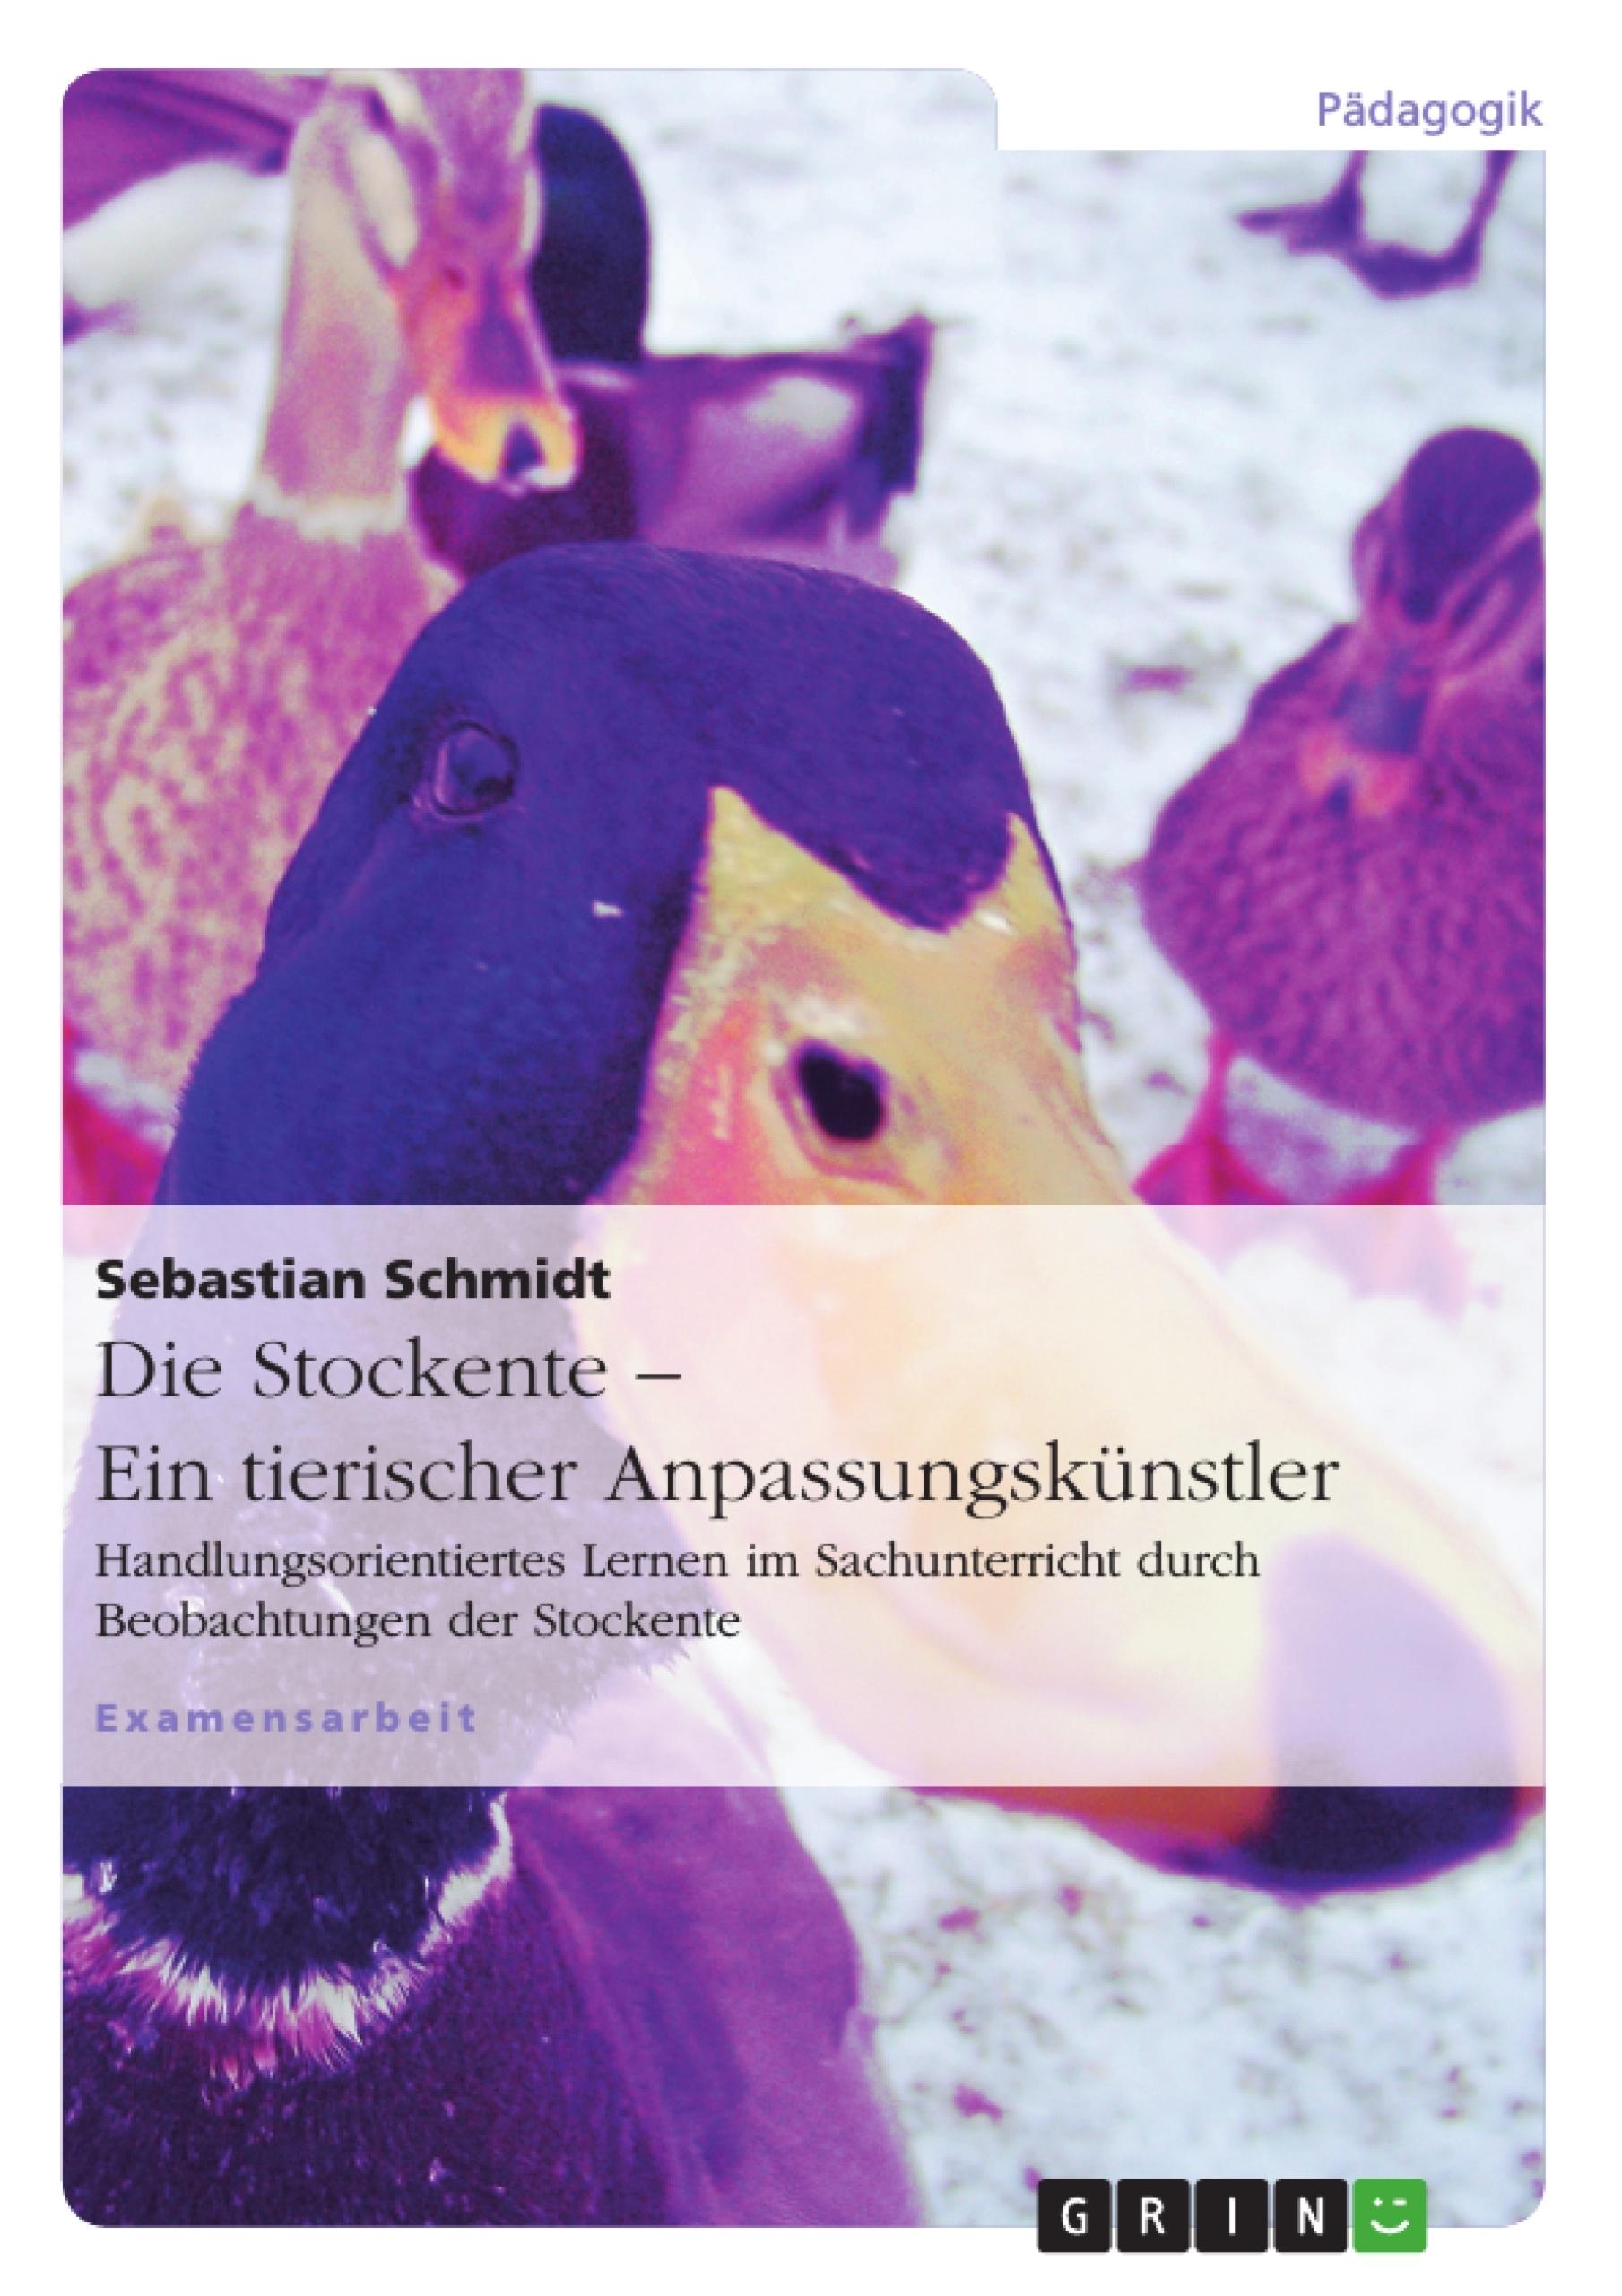 Titel: Die Stockente – ein tierischer Anpassungskünstler